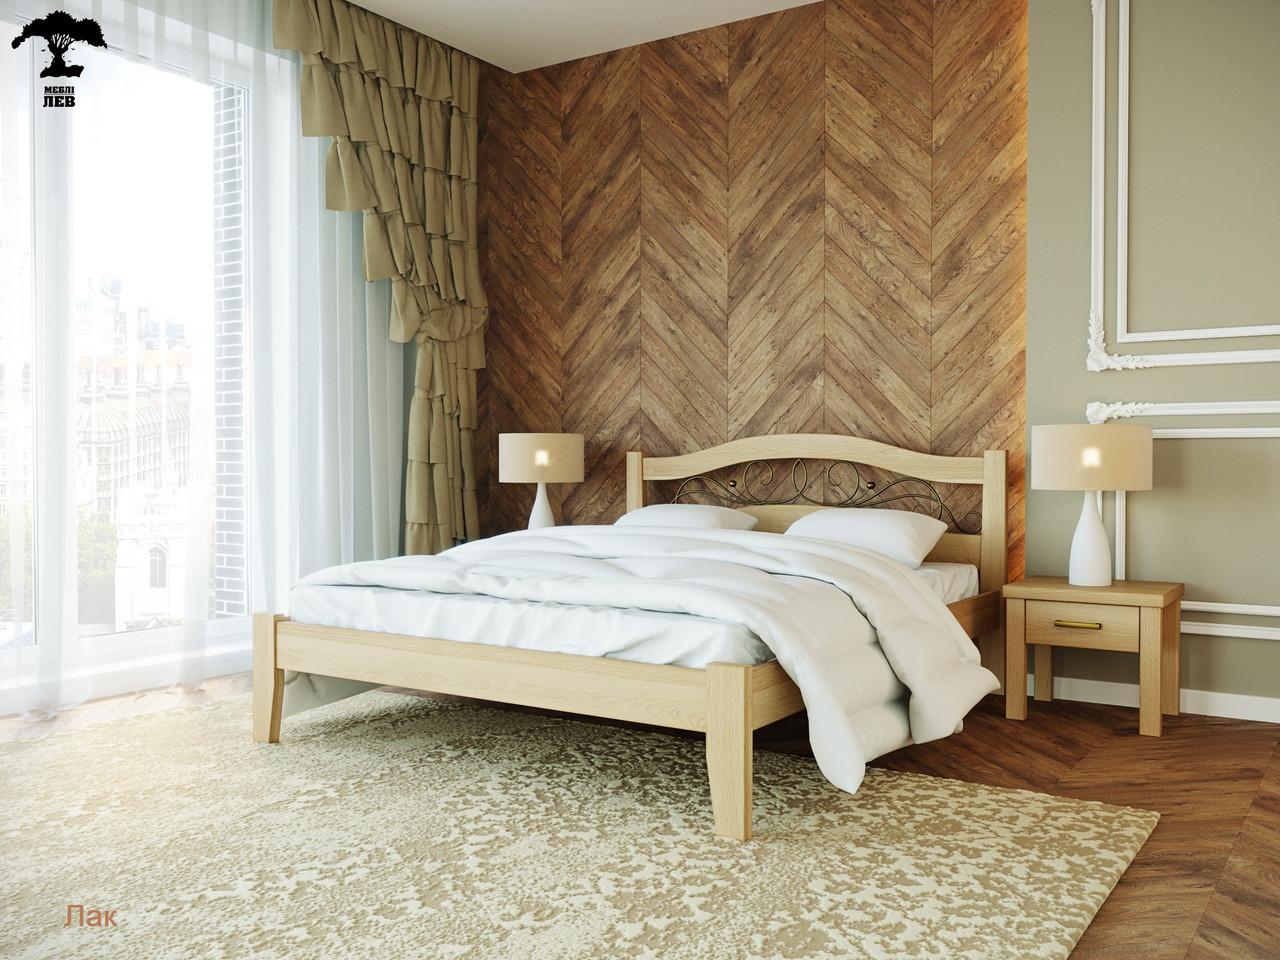 Ліжко двоспальне з натурального дерева в спальню змасиву бука Афіна 1 160х190 Лев